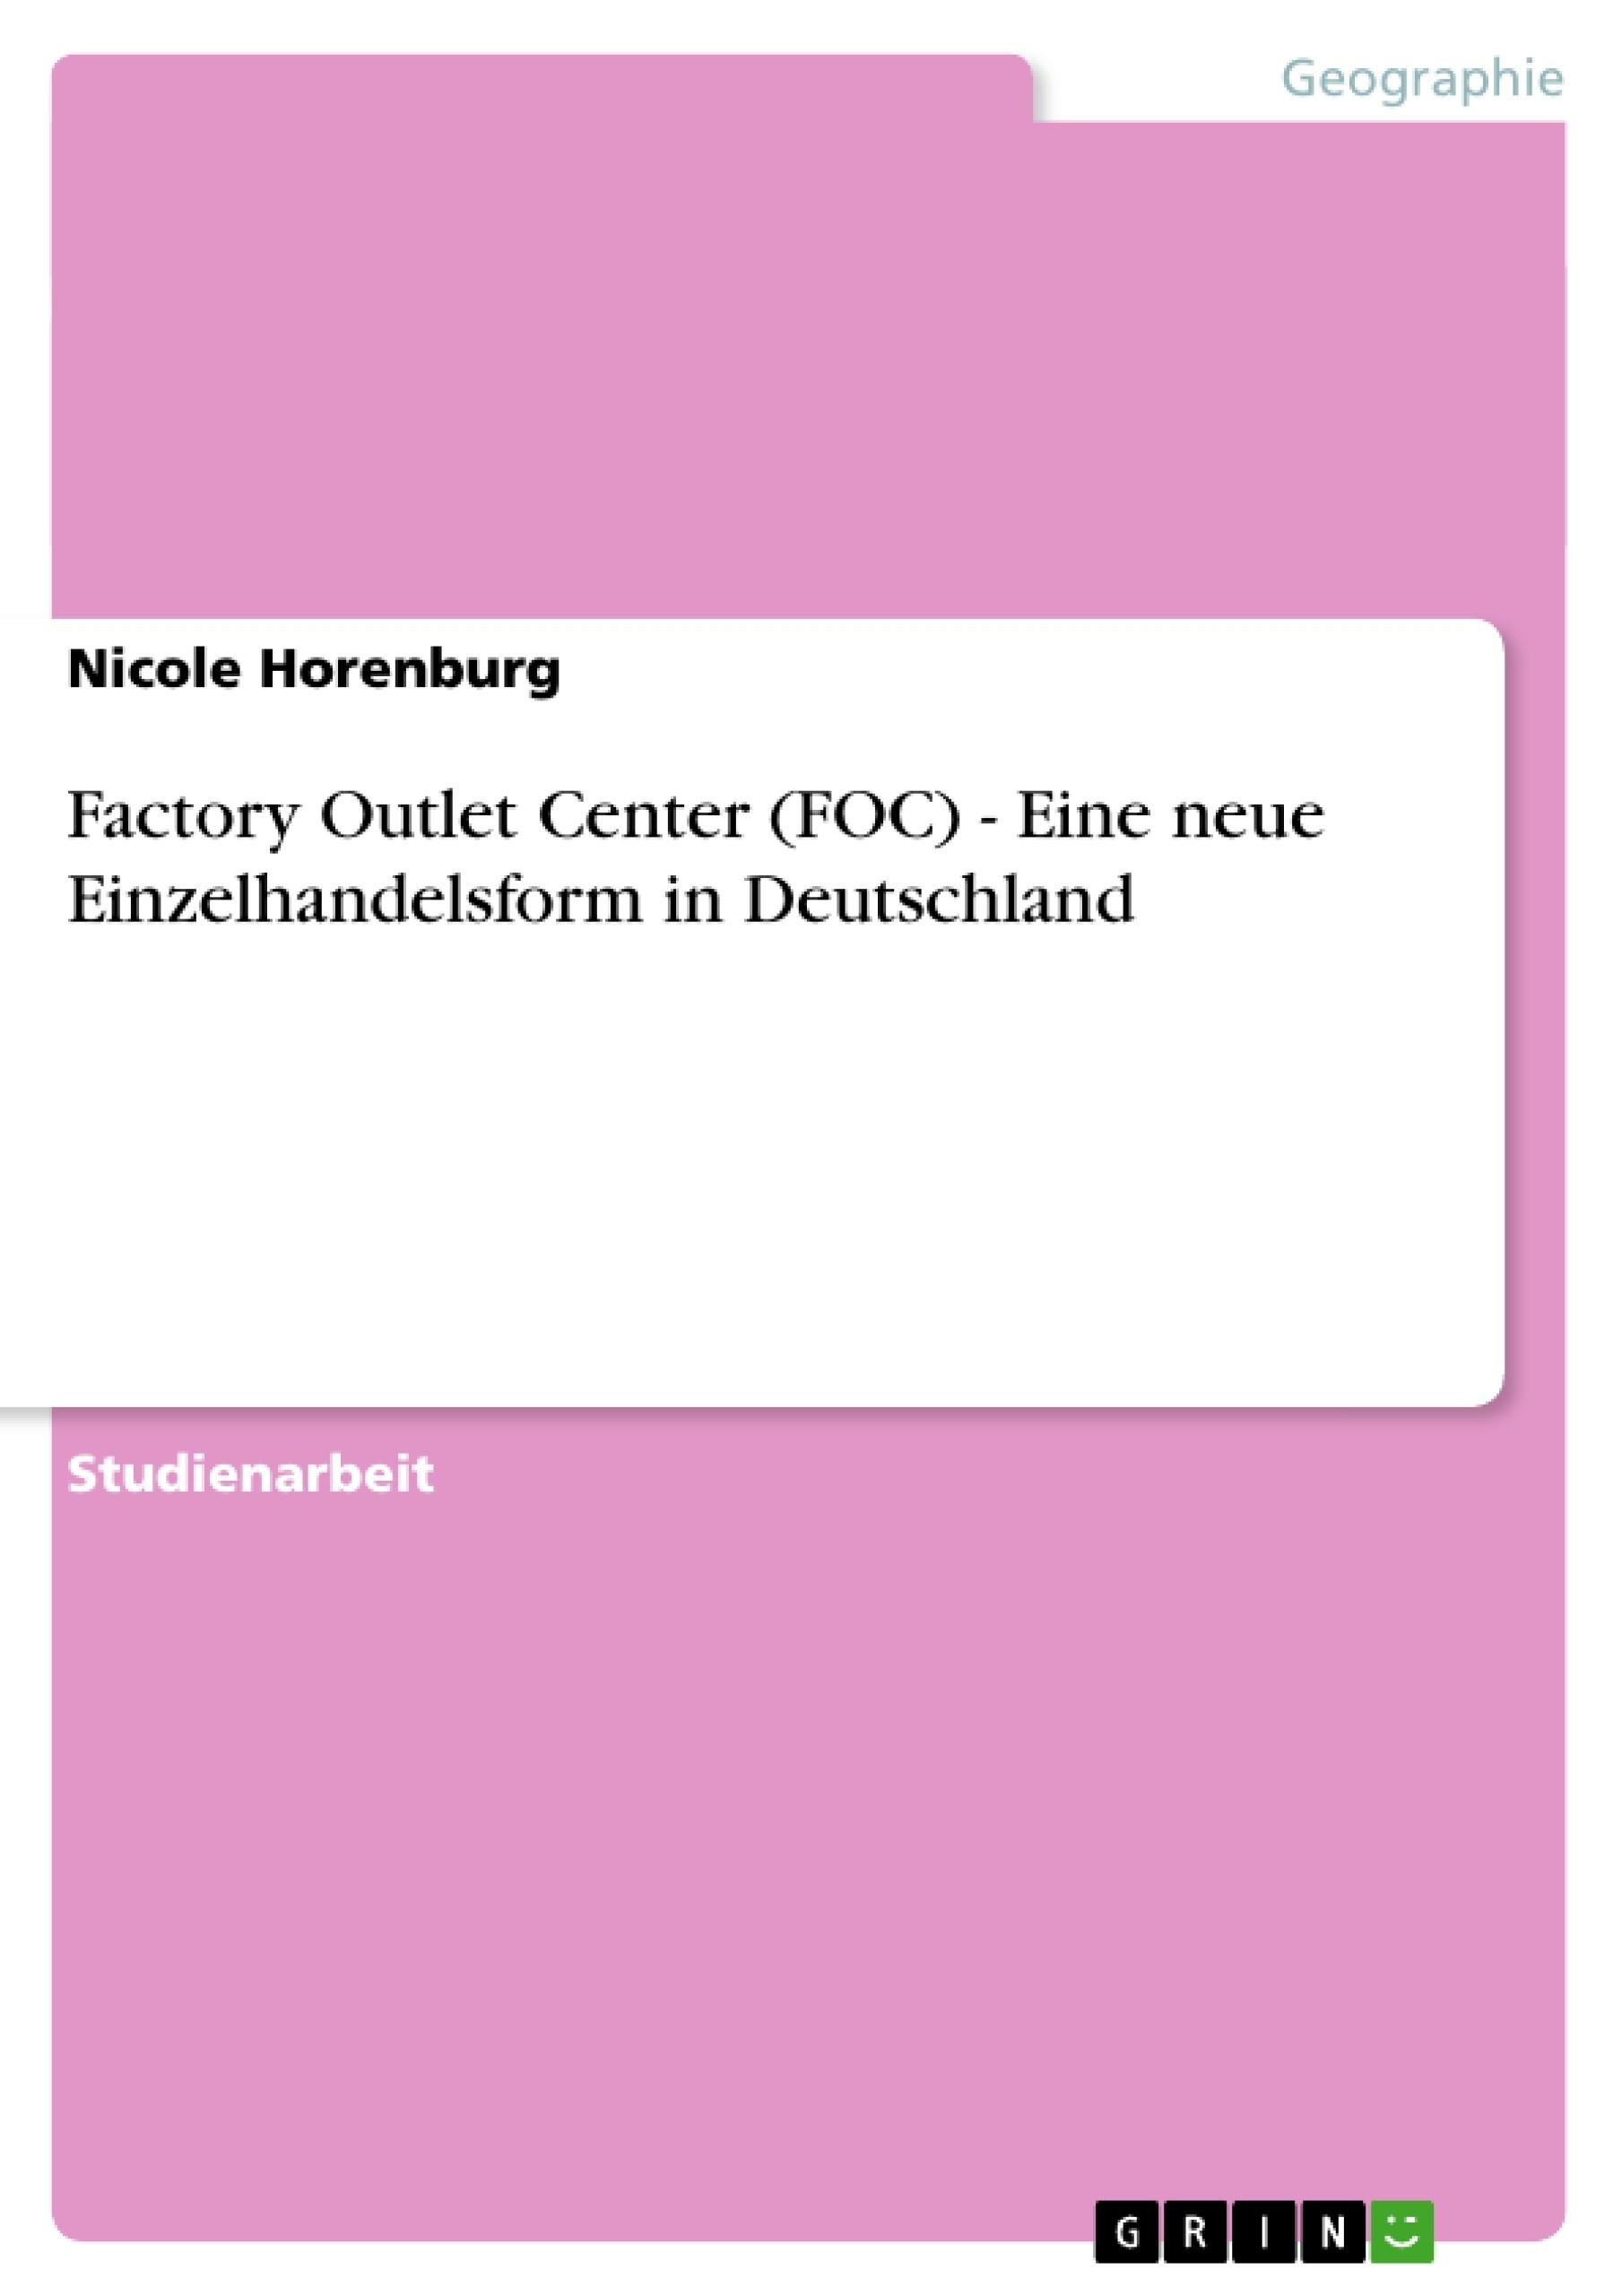 Titel: Factory Outlet Center (FOC) - Eine neue Einzelhandelsform in Deutschland